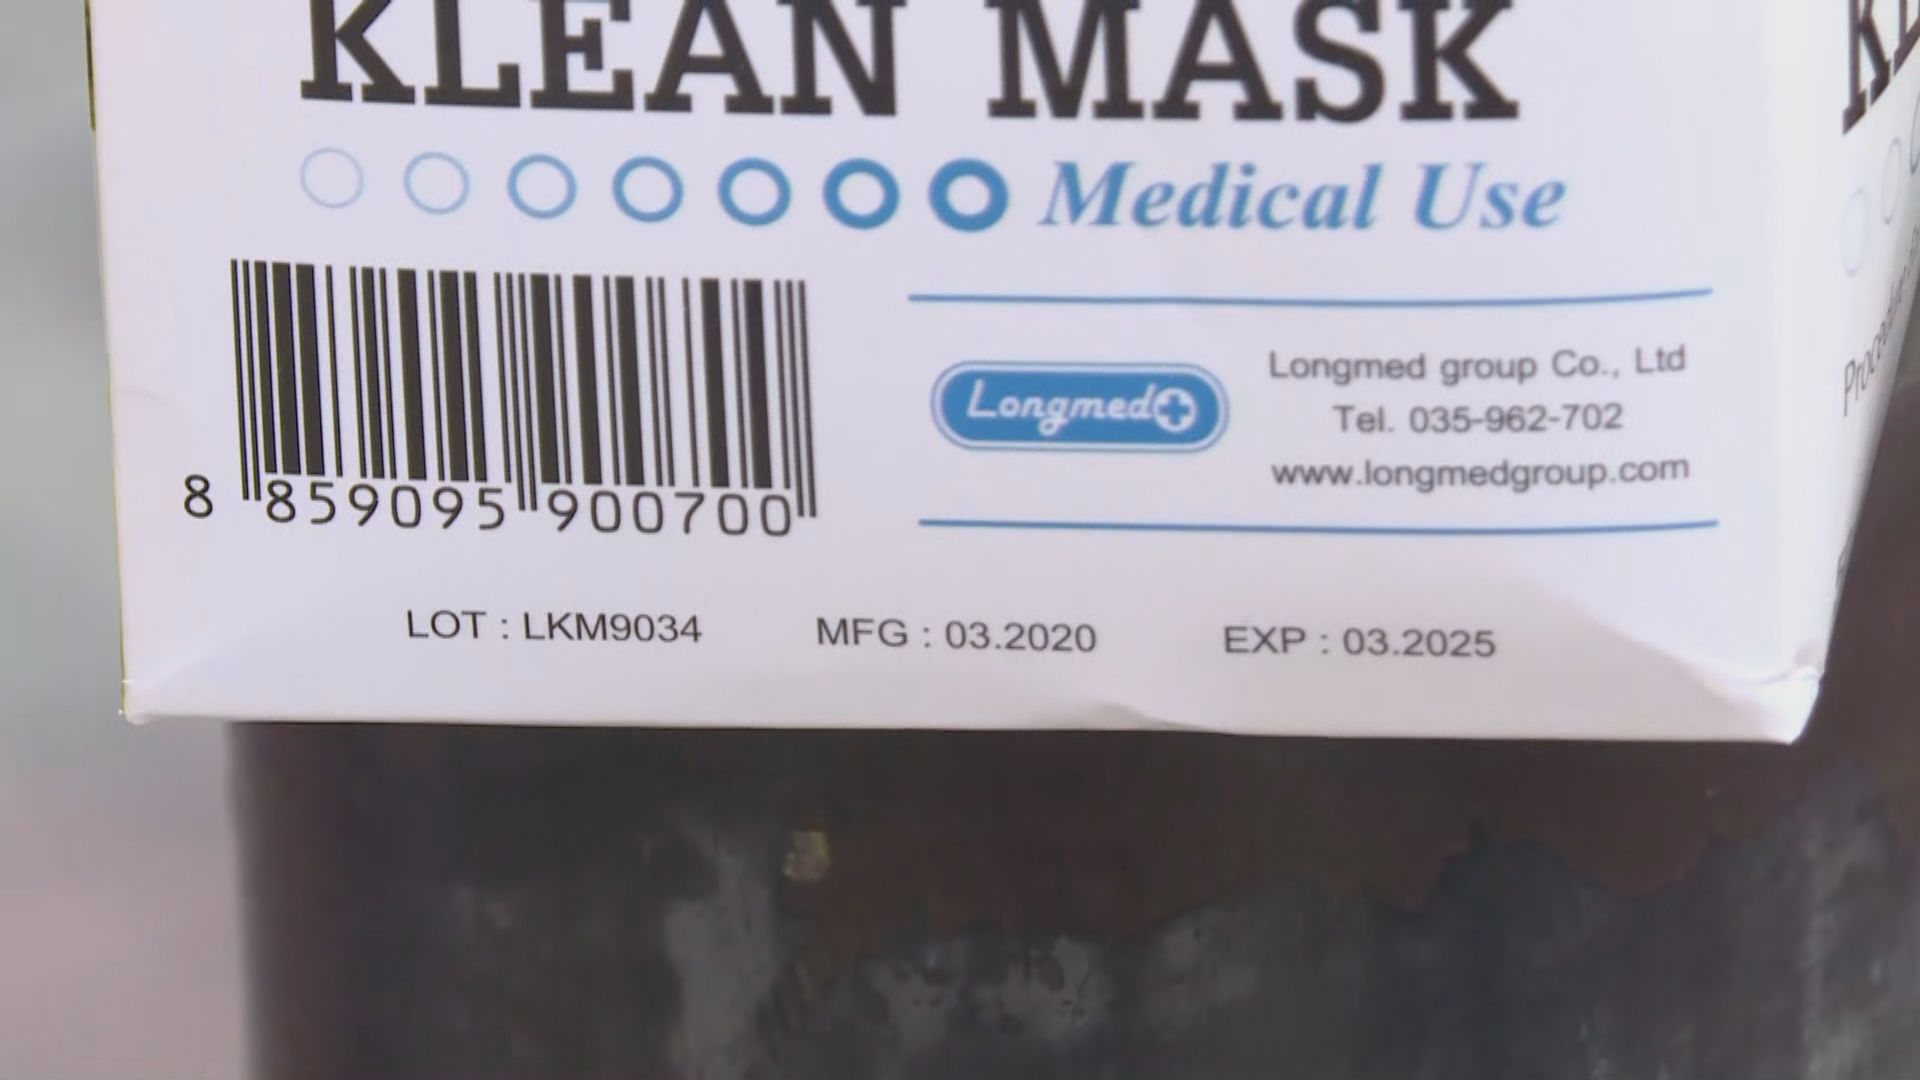 有藥房出售「未來」口罩 生產日期為今年三月